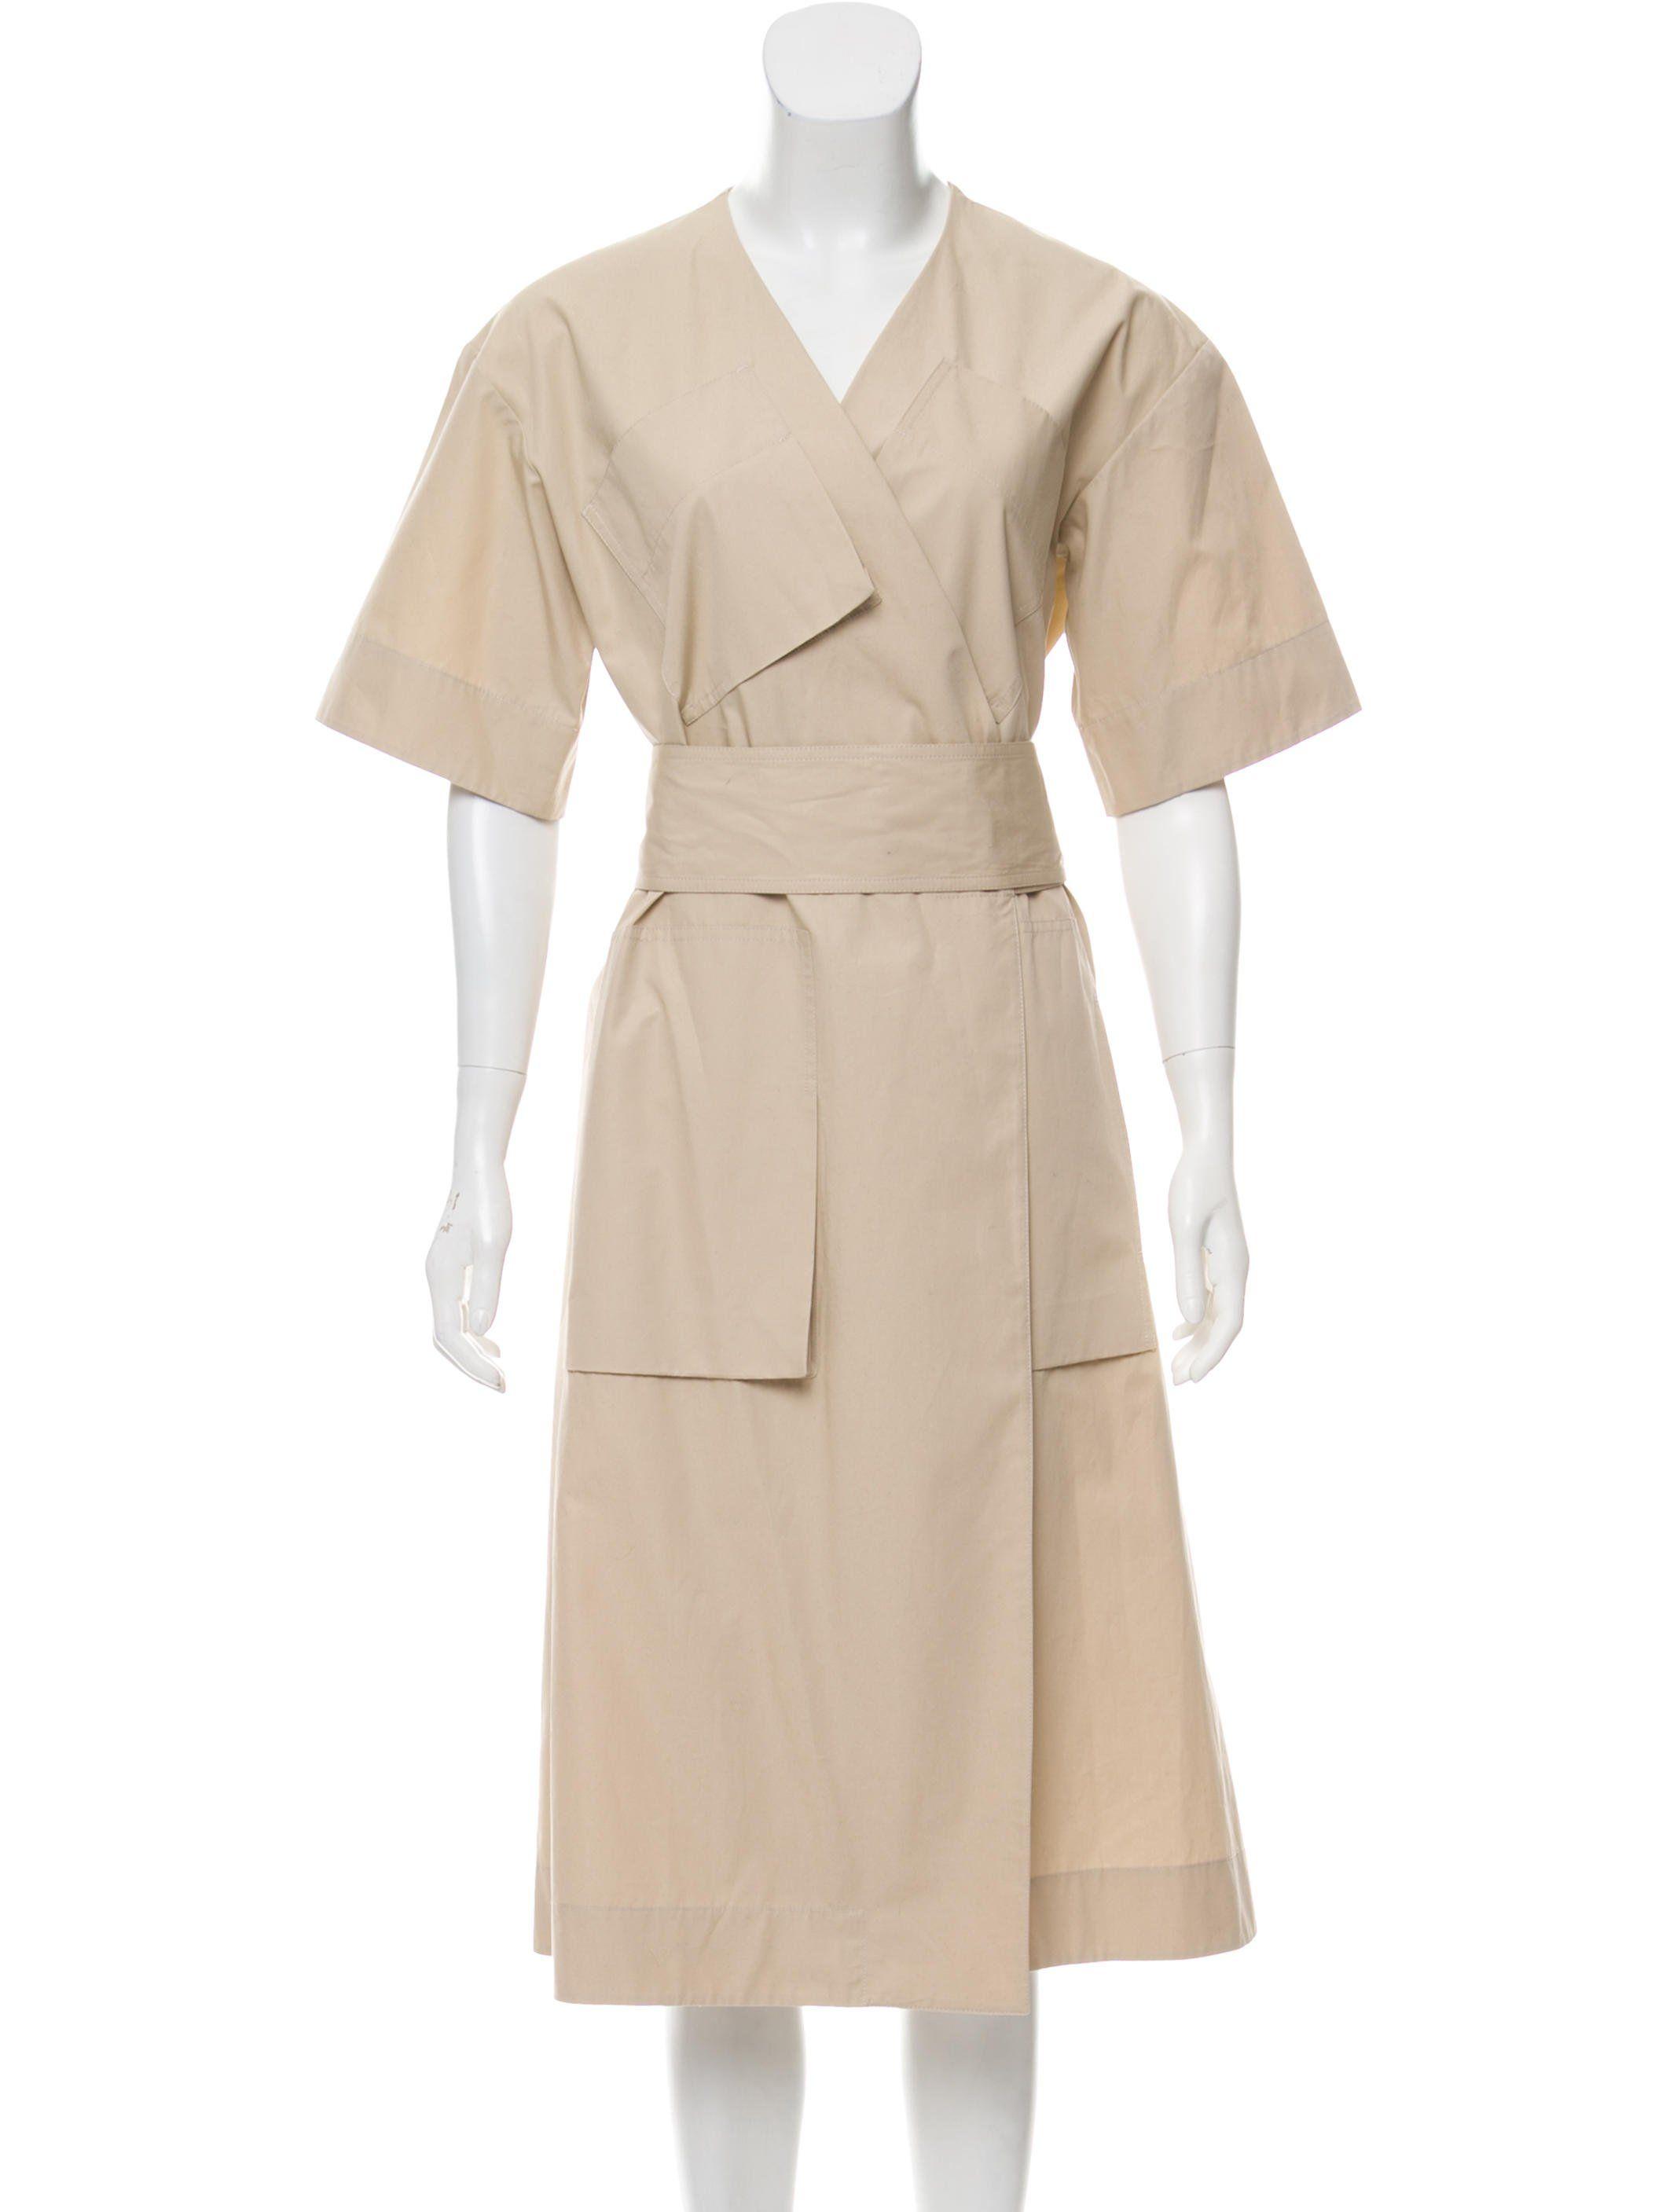 Celine Beige Cotton Wrap Dress Cotton Wrap Dress Clothes Wrap Midi Dress [ 2815 x 2134 Pixel ]